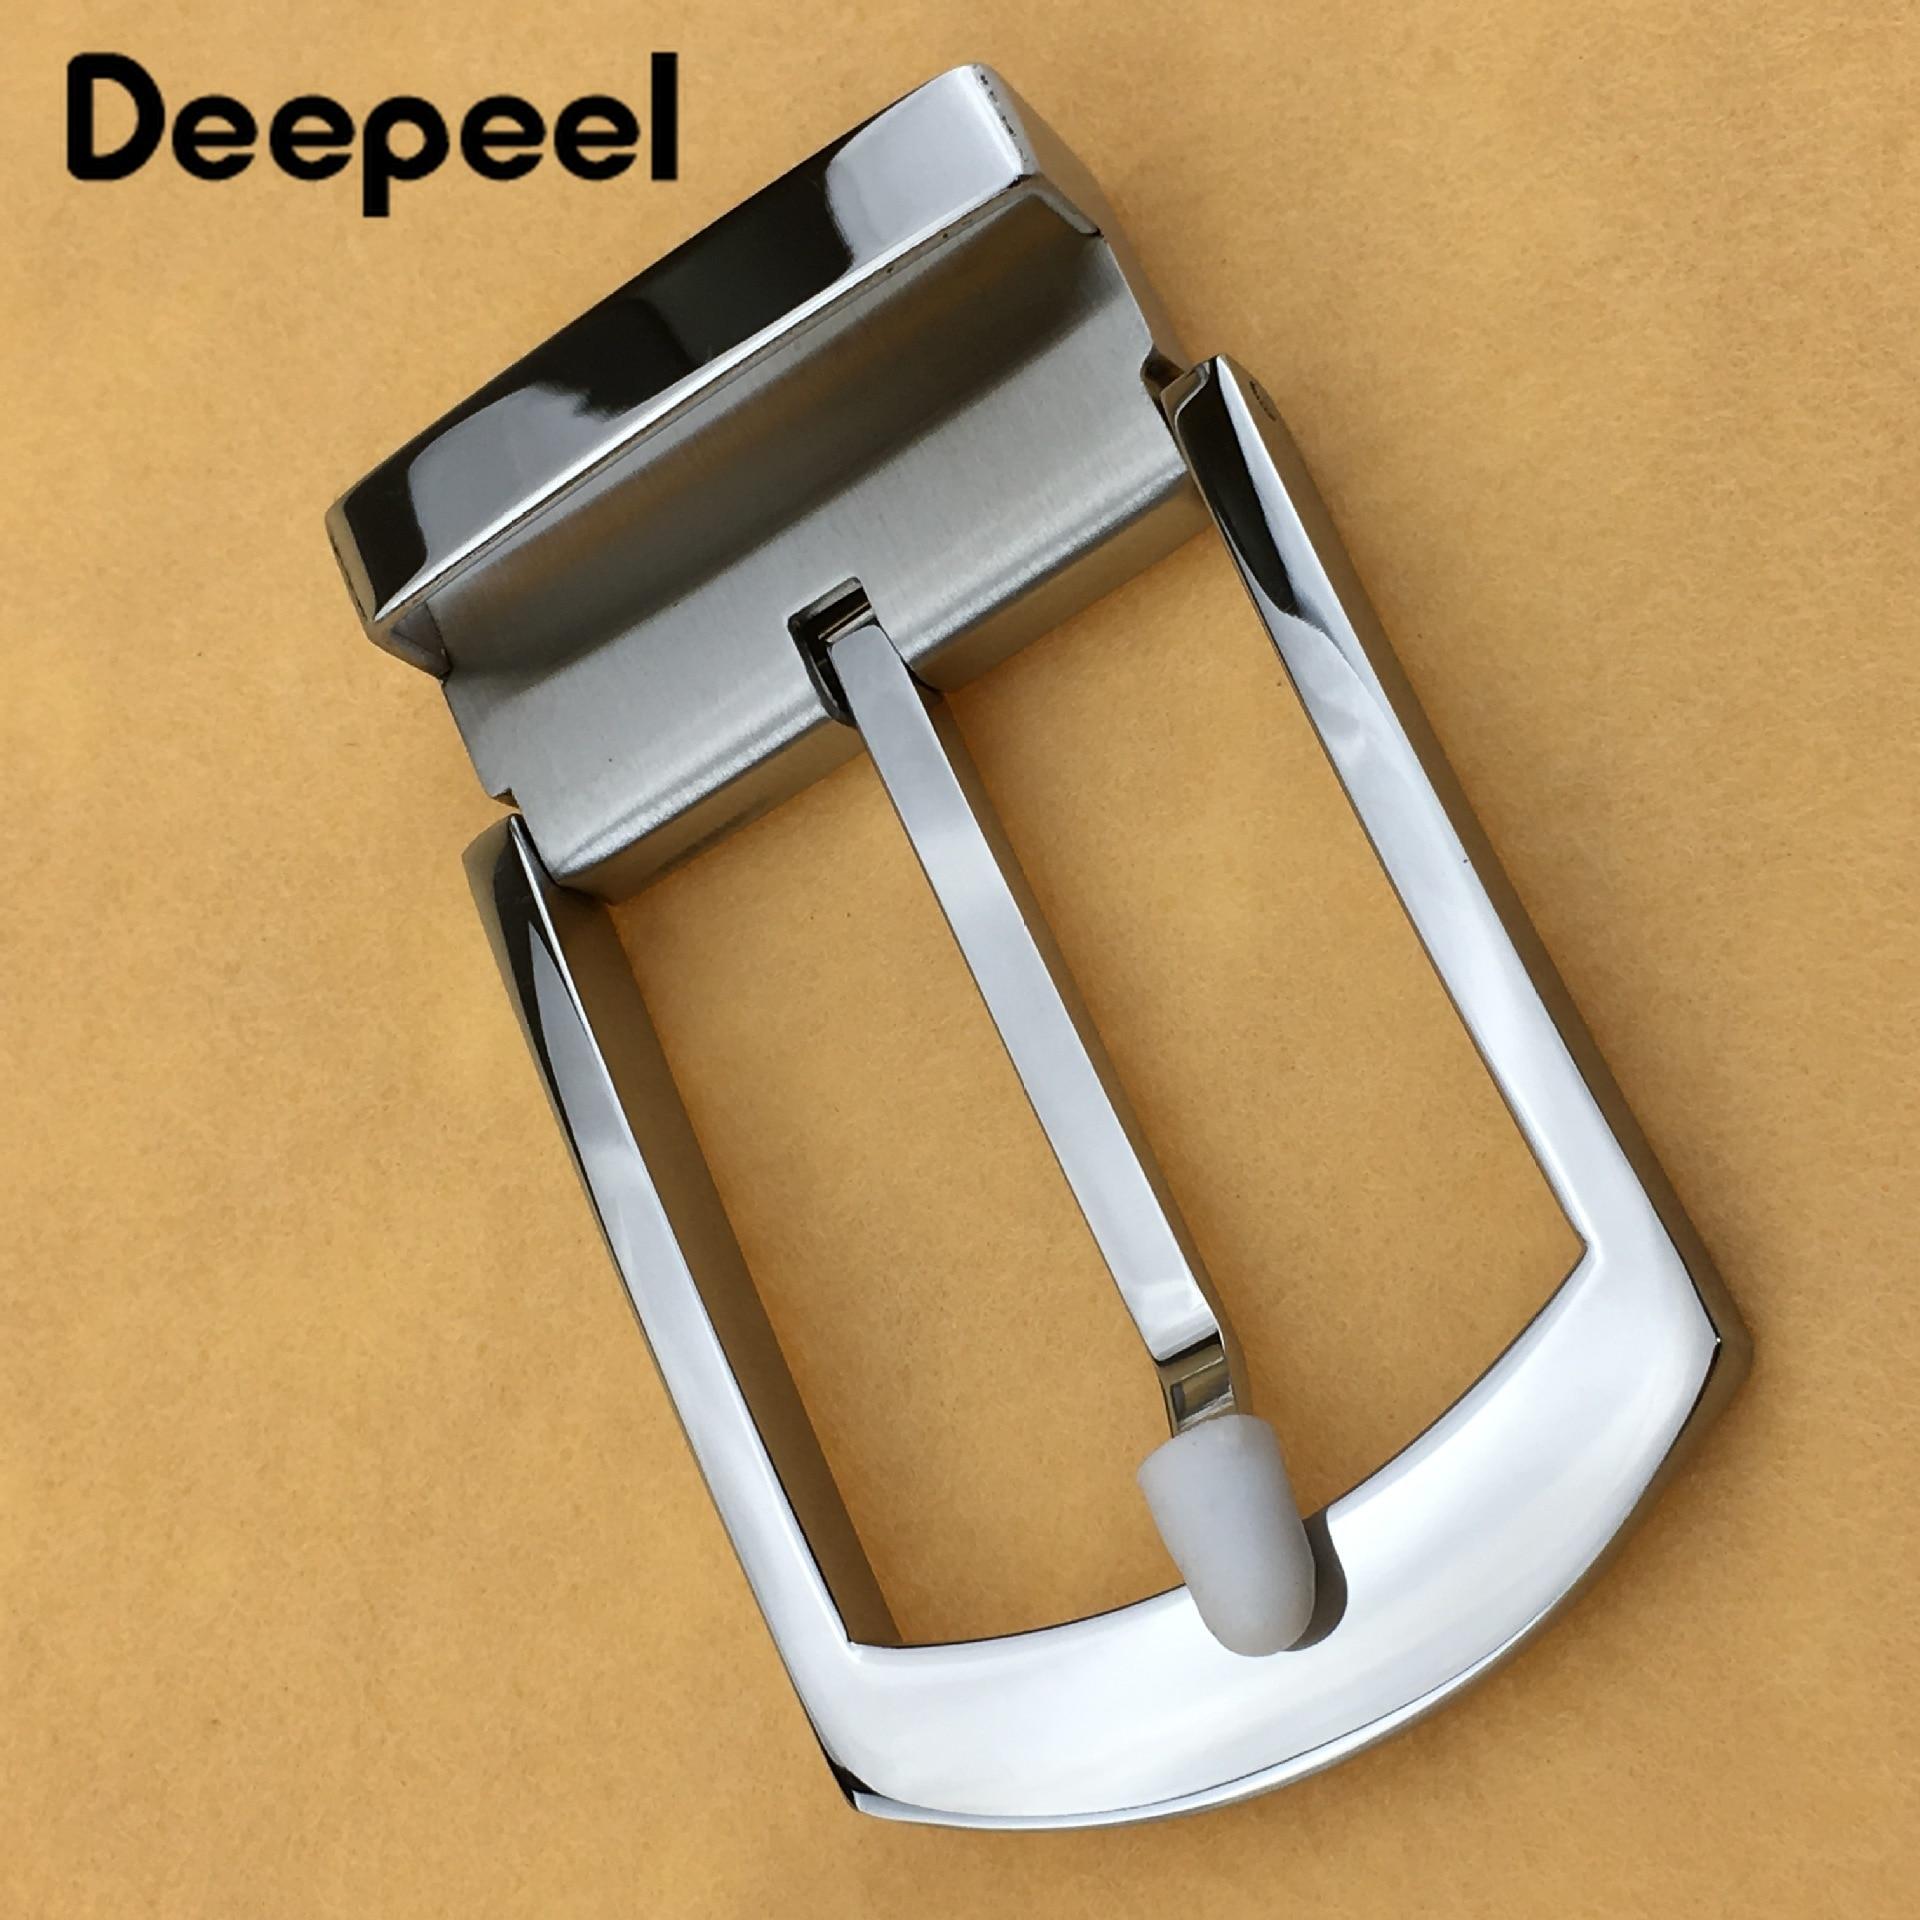 Deepeel, 1 pieza de ancho, 40mm, hebilla de acero inoxidable para hombres, accesorios y hebillas para cinturones de alta calidad para hombres, hebilla desmontable YK763